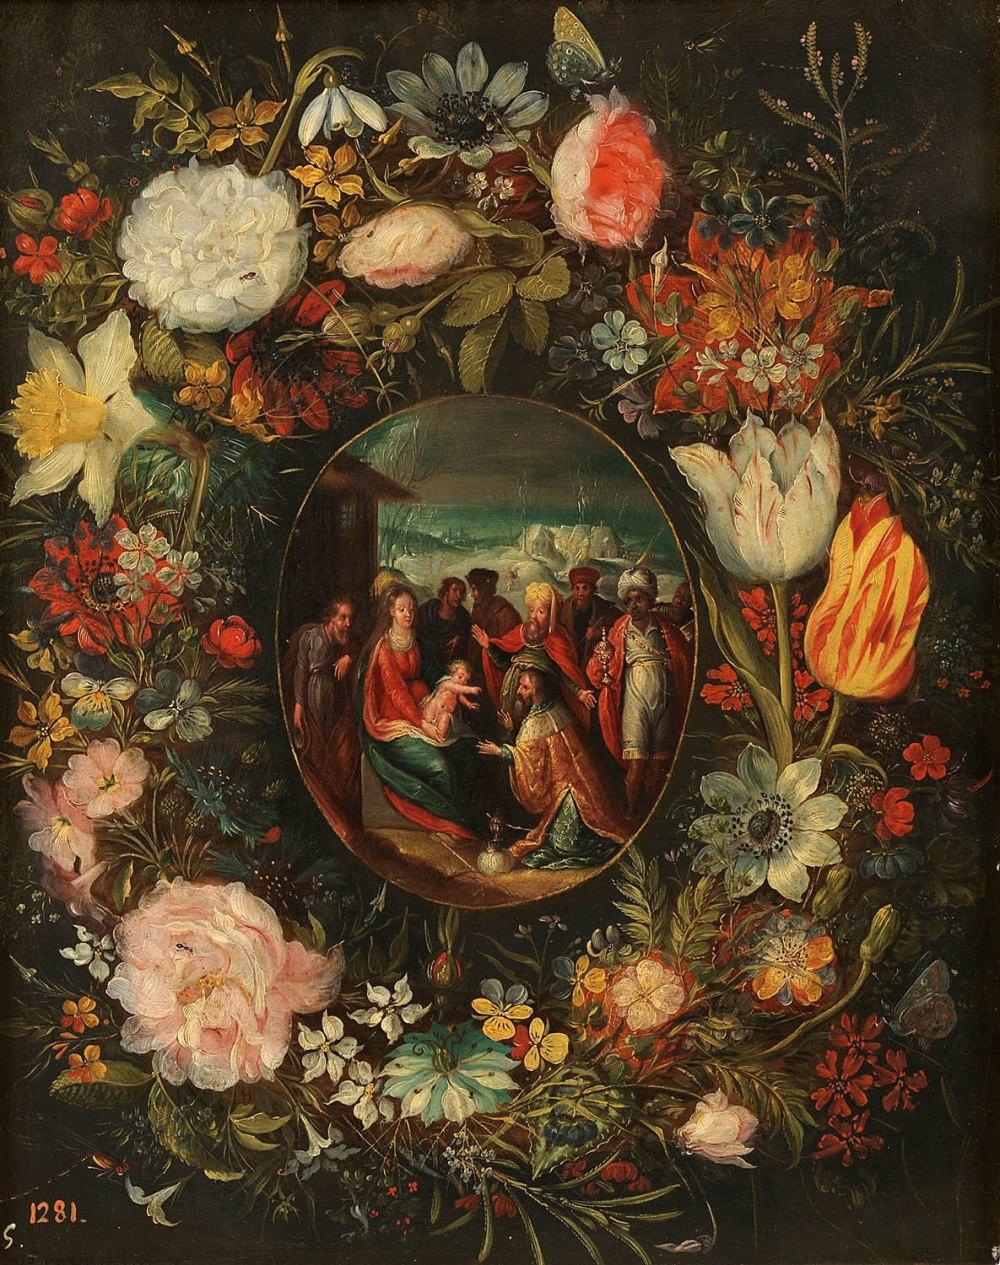 Pieter Brueghel el joven. Guirnalda con la Adoración de los Reyes Magos. Siglos XVI - XVII. Museo Nacional del Prado. Madrid.